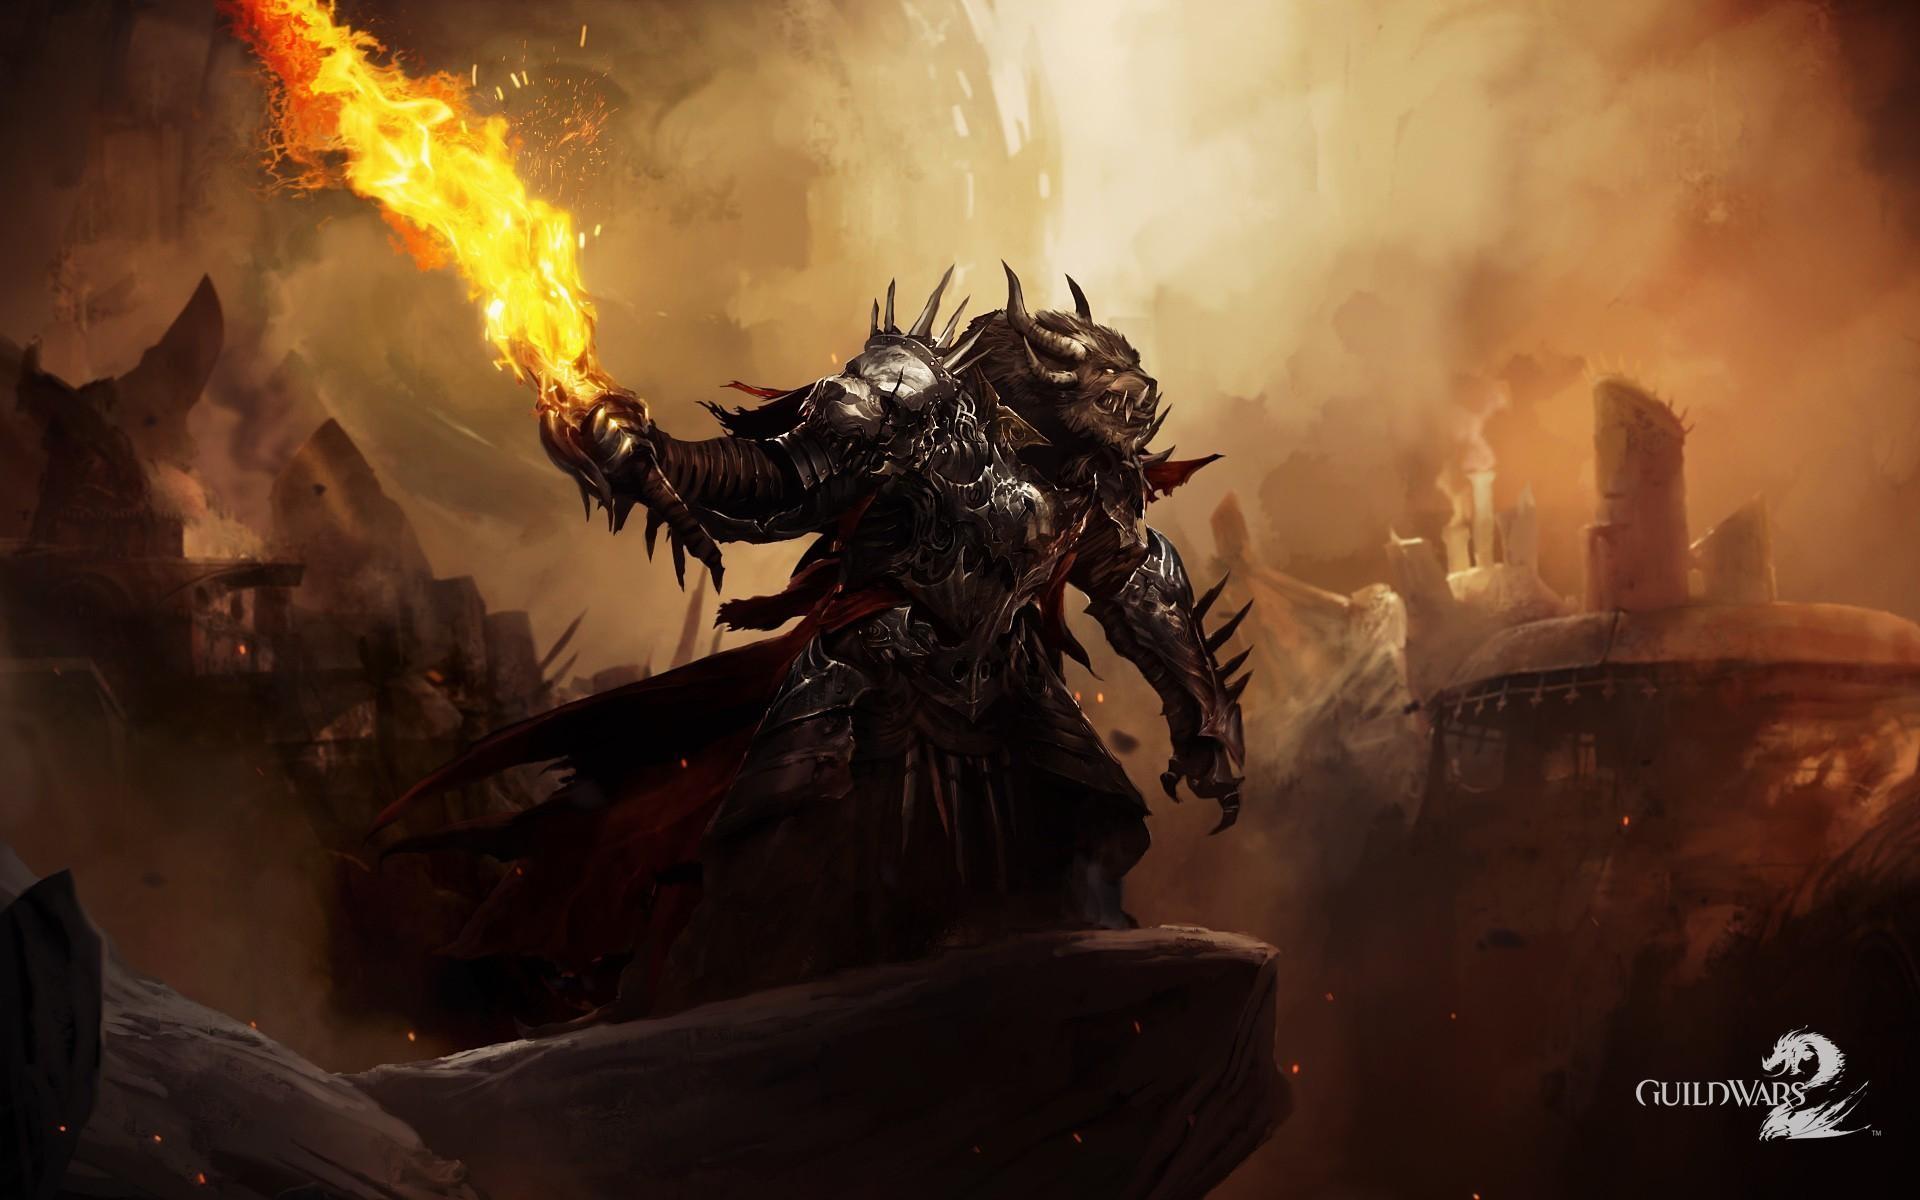 Dark Souls Bonfire Wallpaper 78 Images